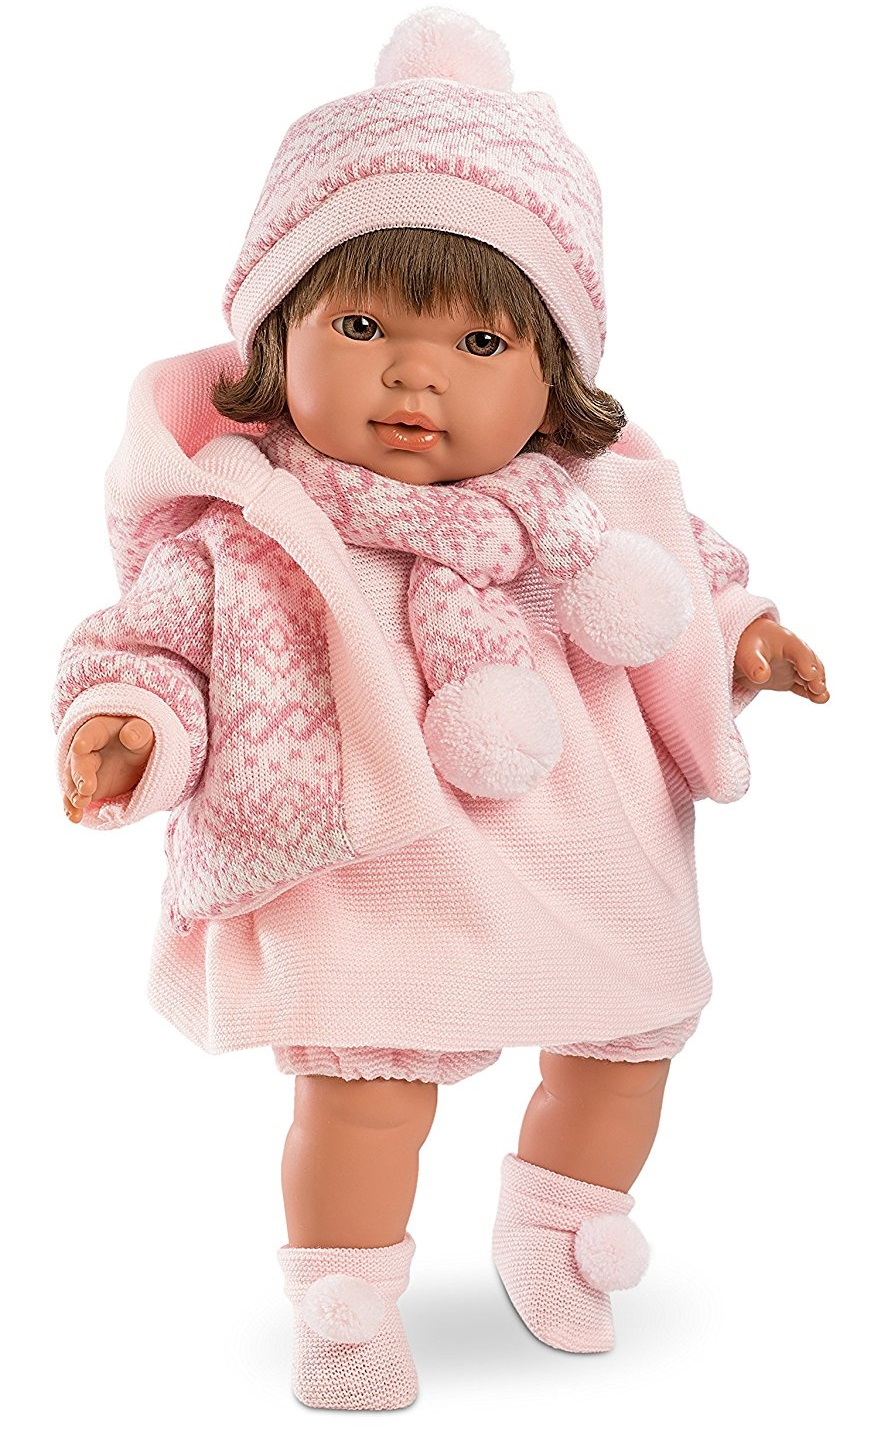 Кукла Карла, озвученная, 42 см.Испанские куклы Llorens Juan, S.L.<br>Кукла Карла, озвученная, 42 см.<br>